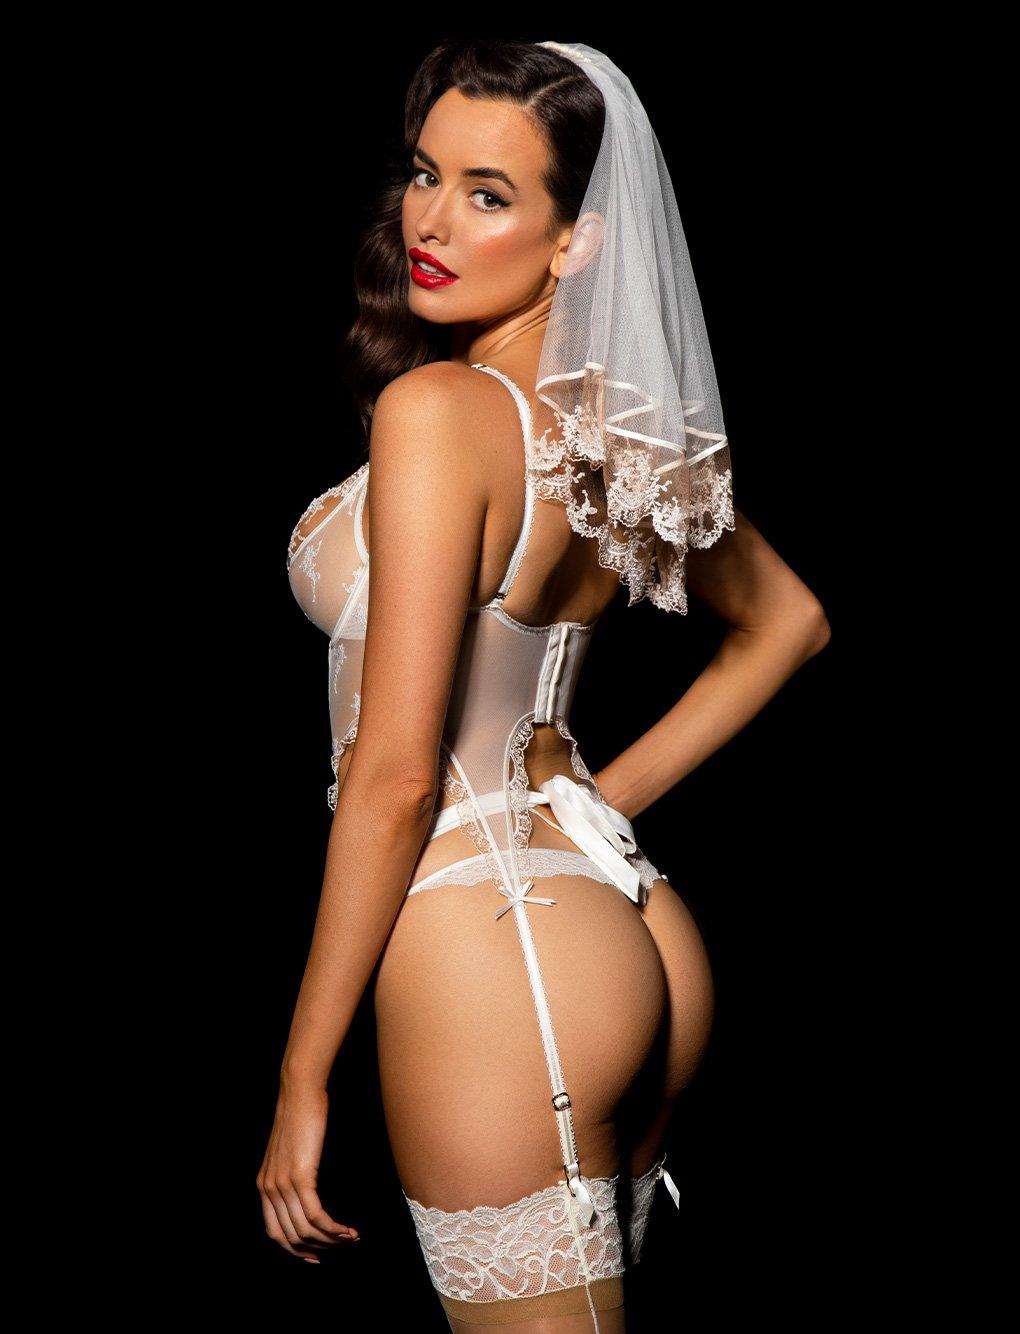 Sarah Stephens - Honey Birdette lingerie photoshoot